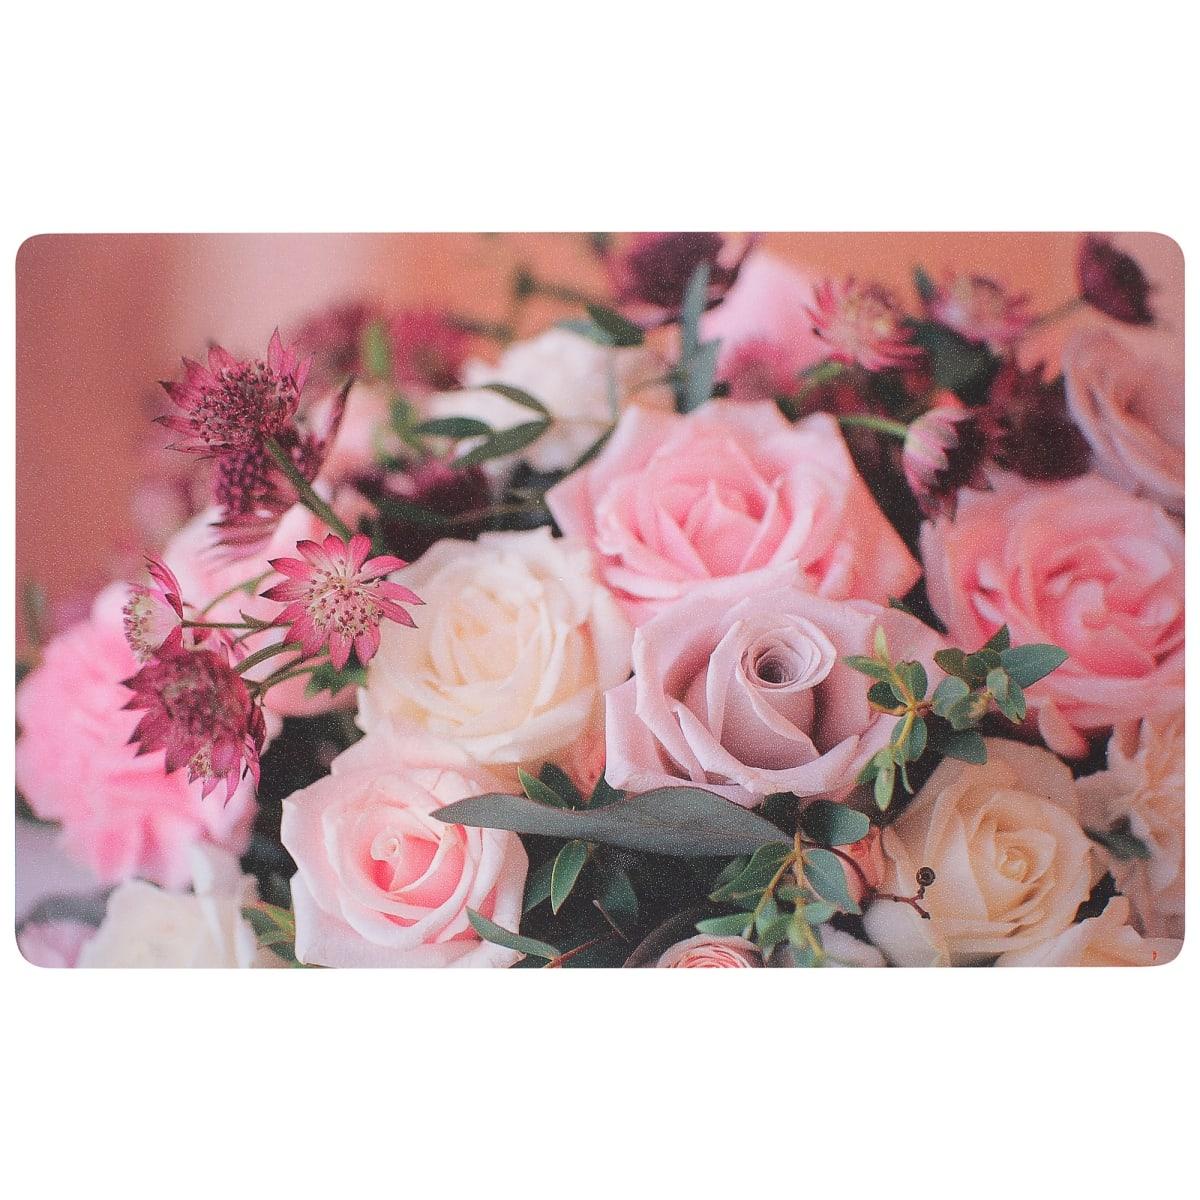 Салфетка «Весенний букет» 26х41 см, ПВХ